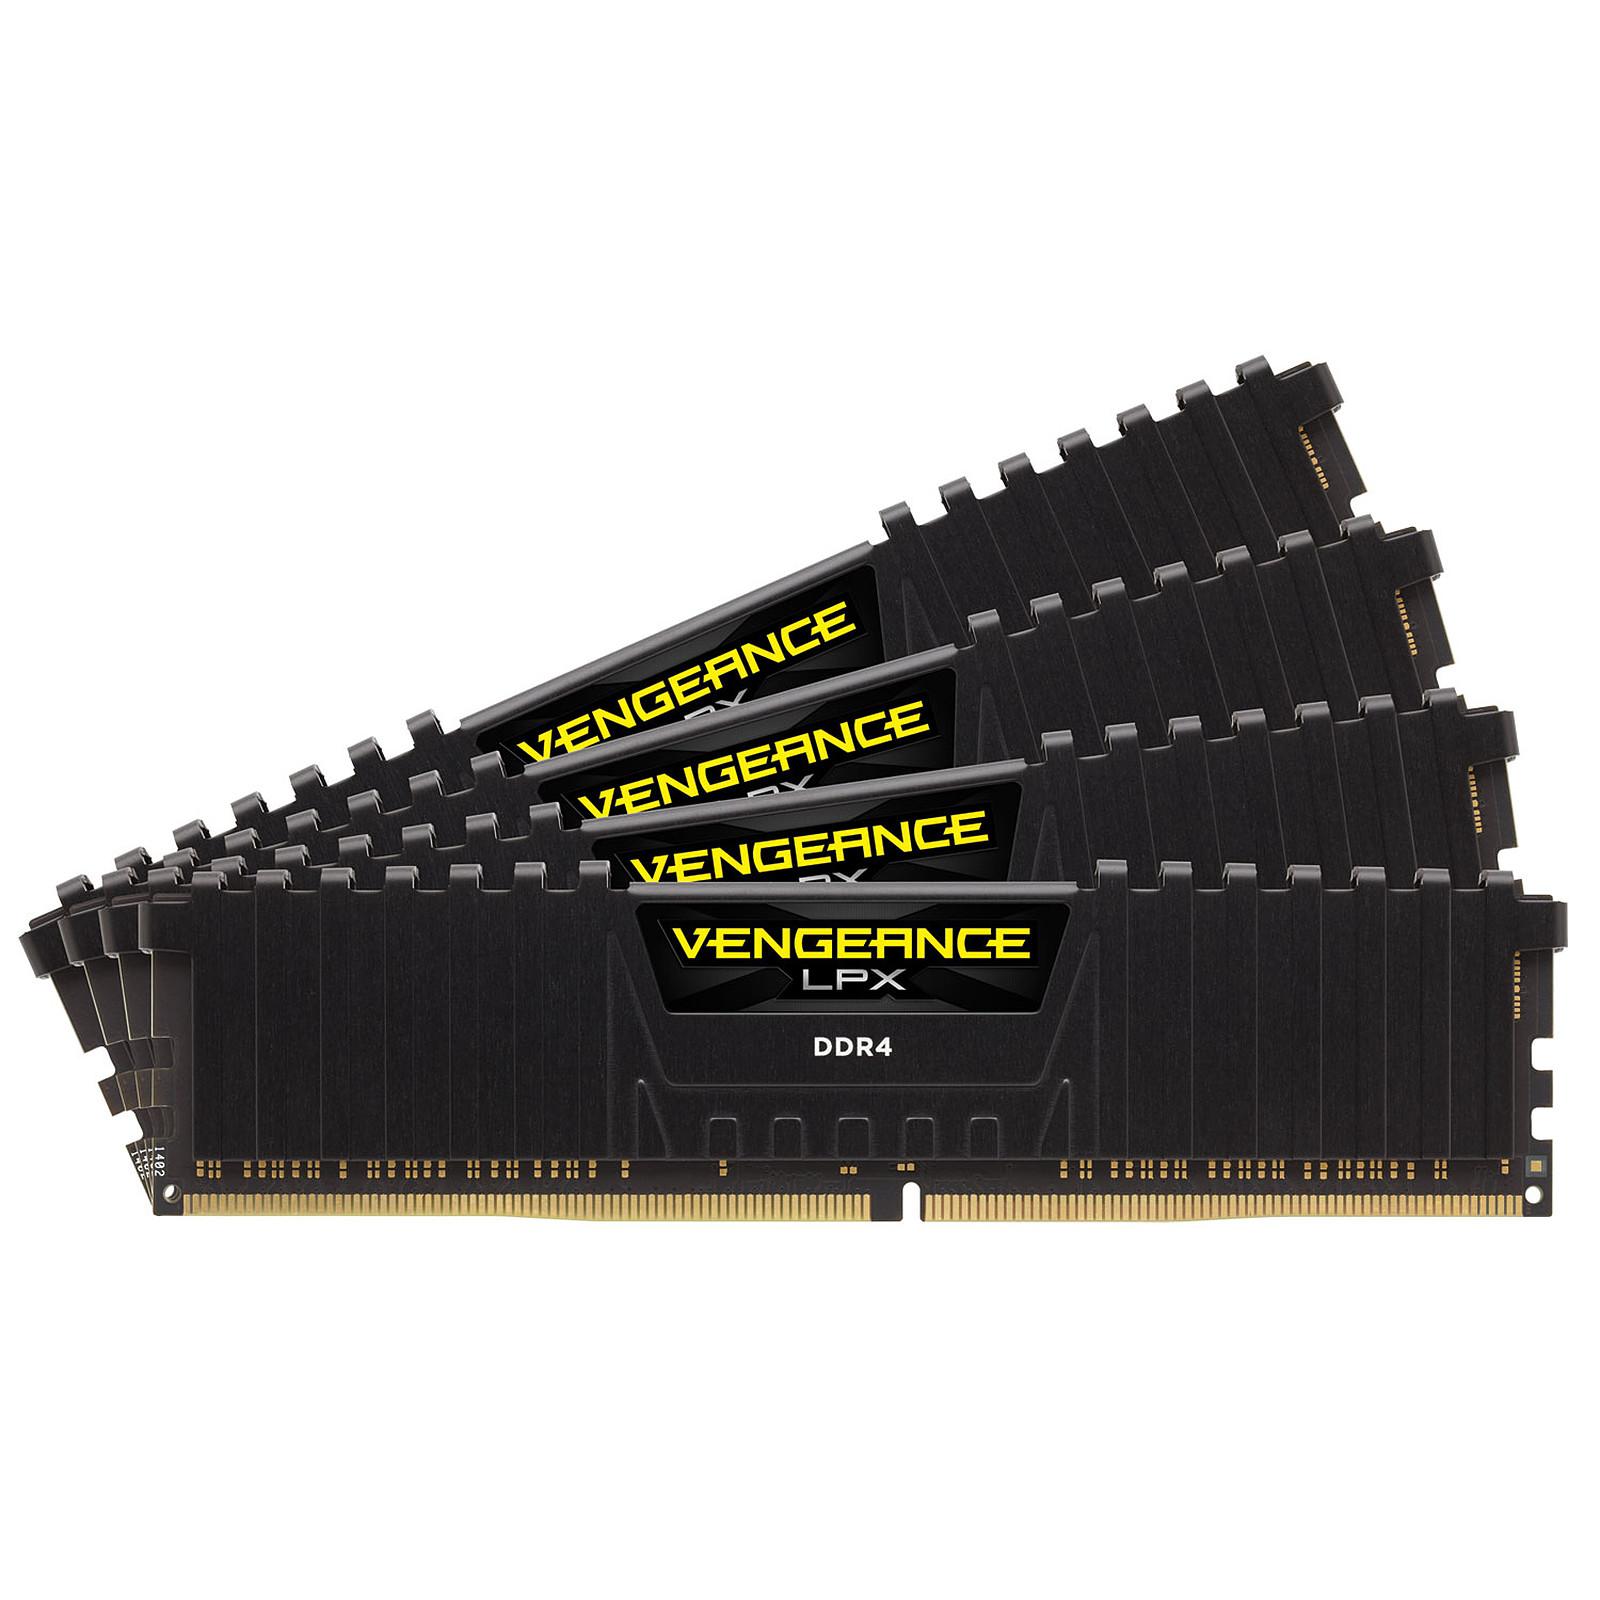 Corsair Vengeance LPX Series Low Profile 32 Go (4x 8 Go) DDR4 3466 MHz CL16